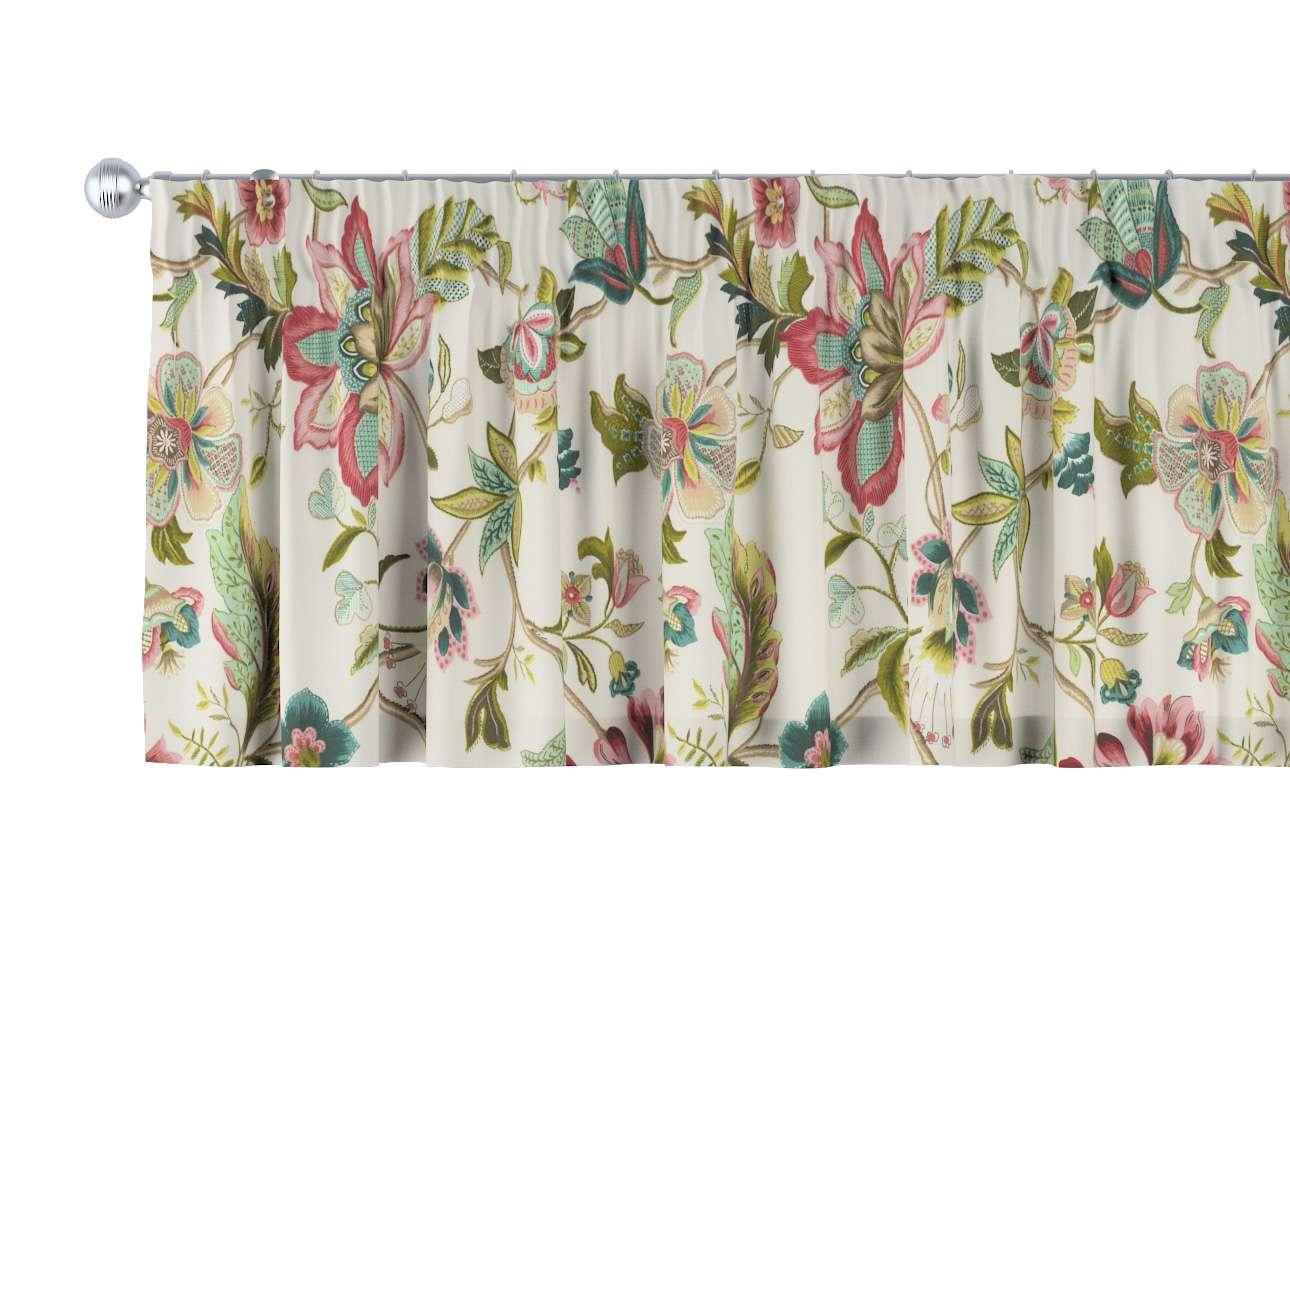 Lambrekin na taśmie marszczącej 130 x 40 cm w kolekcji Londres, tkanina: 122-00